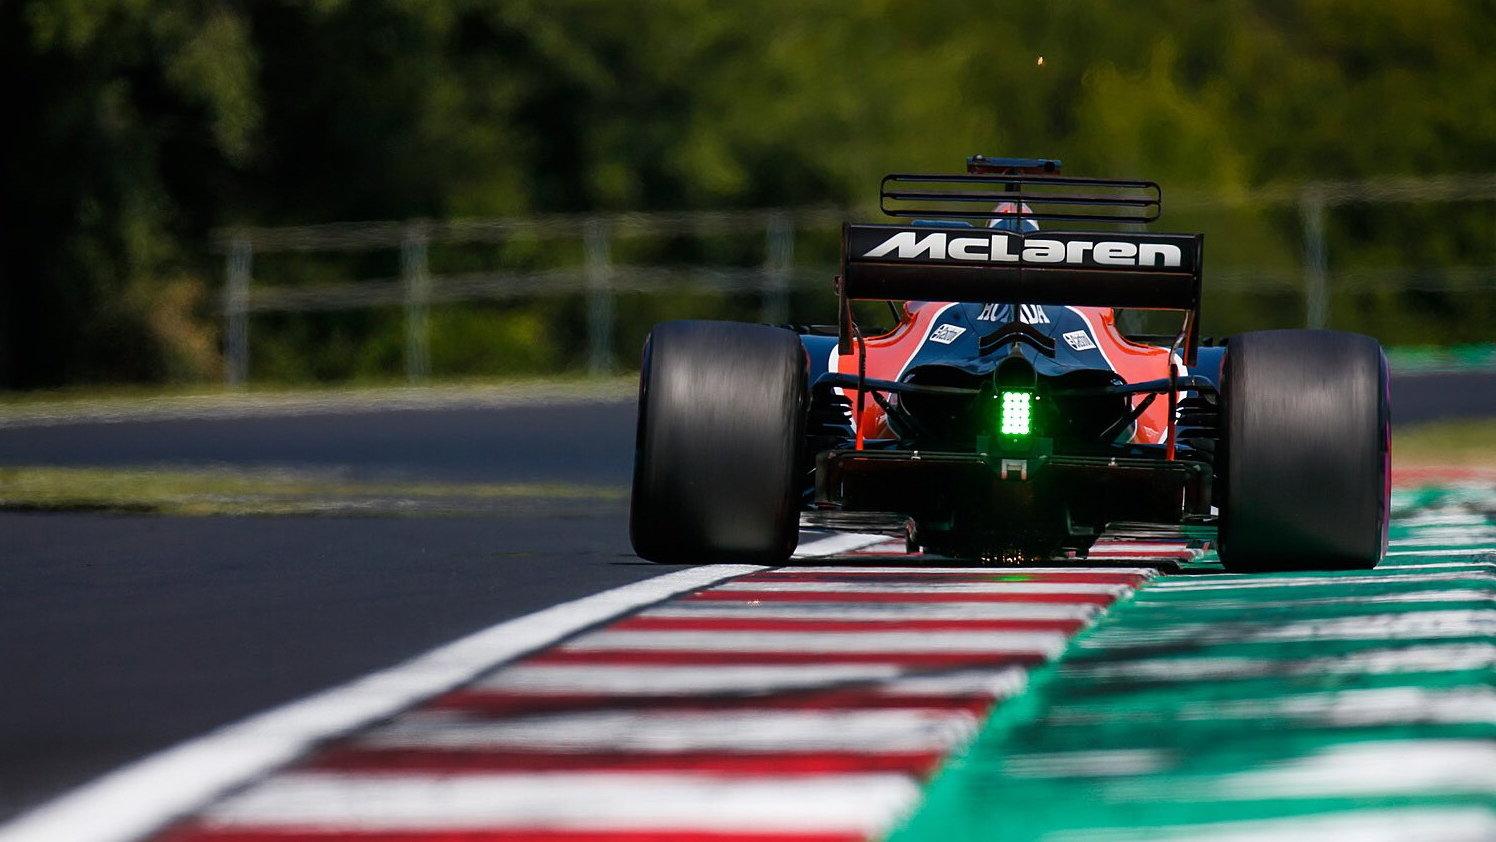 Lando Norris touží u McLarenu po roli závodního pilota, stane se nástupcem Fernanda Alonsa?